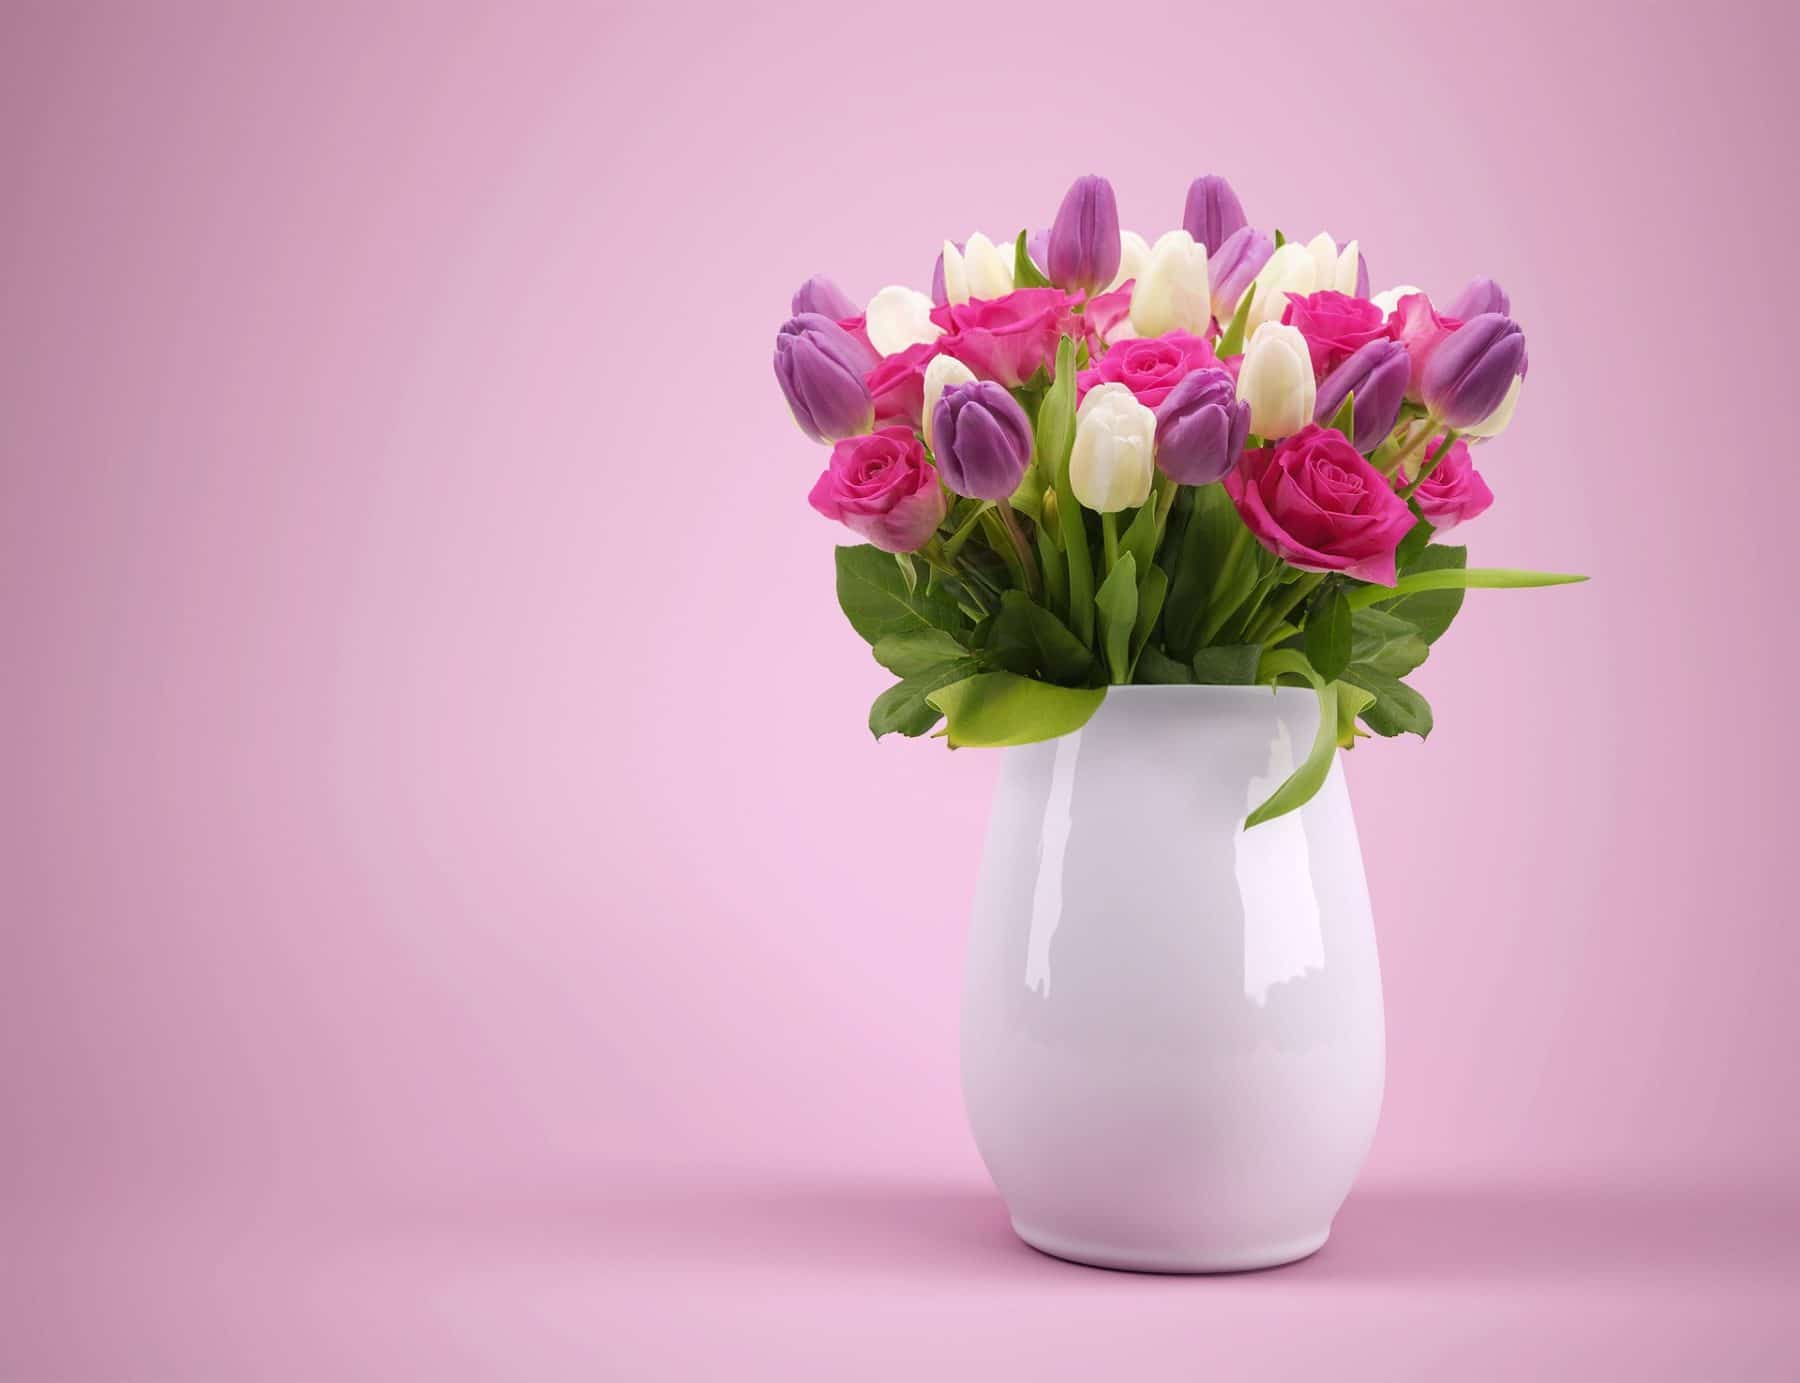 10 Tipps Wie Blumensträuße Länger Frisch Halten